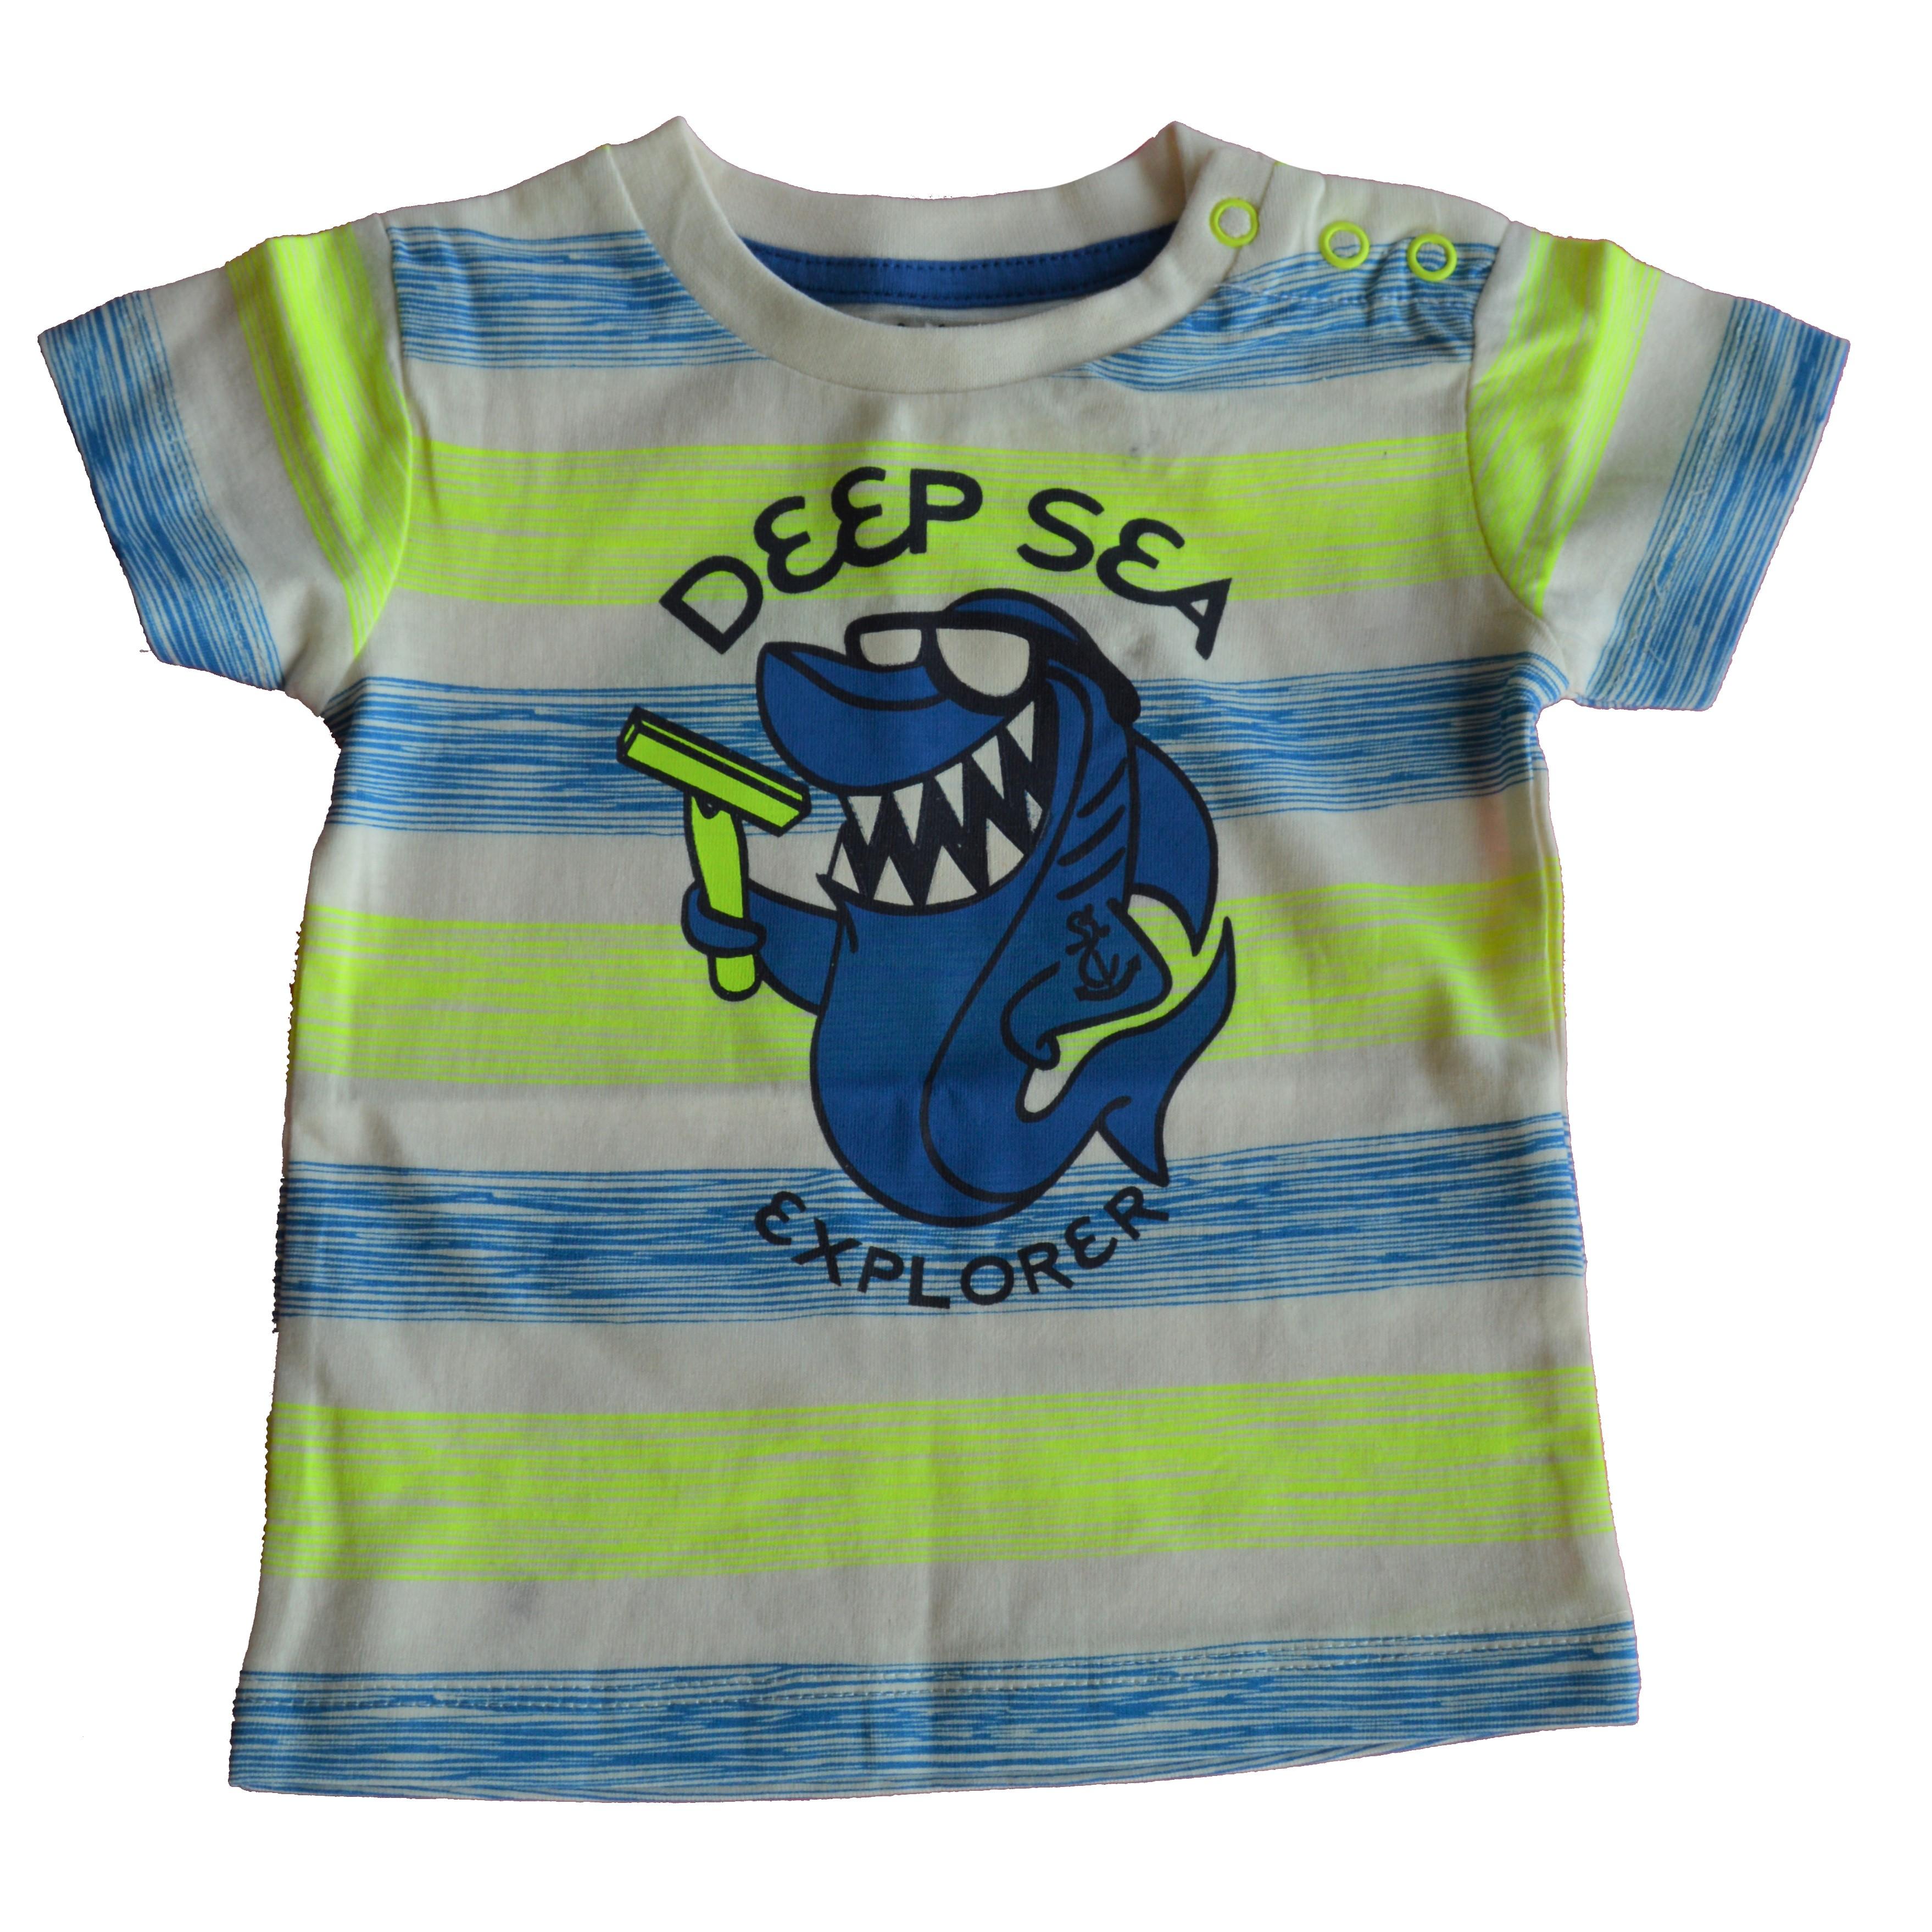 555c4a8739f1c Carodel Chlapčenské tričko so žralokom - žlto-modré - Glami.sk